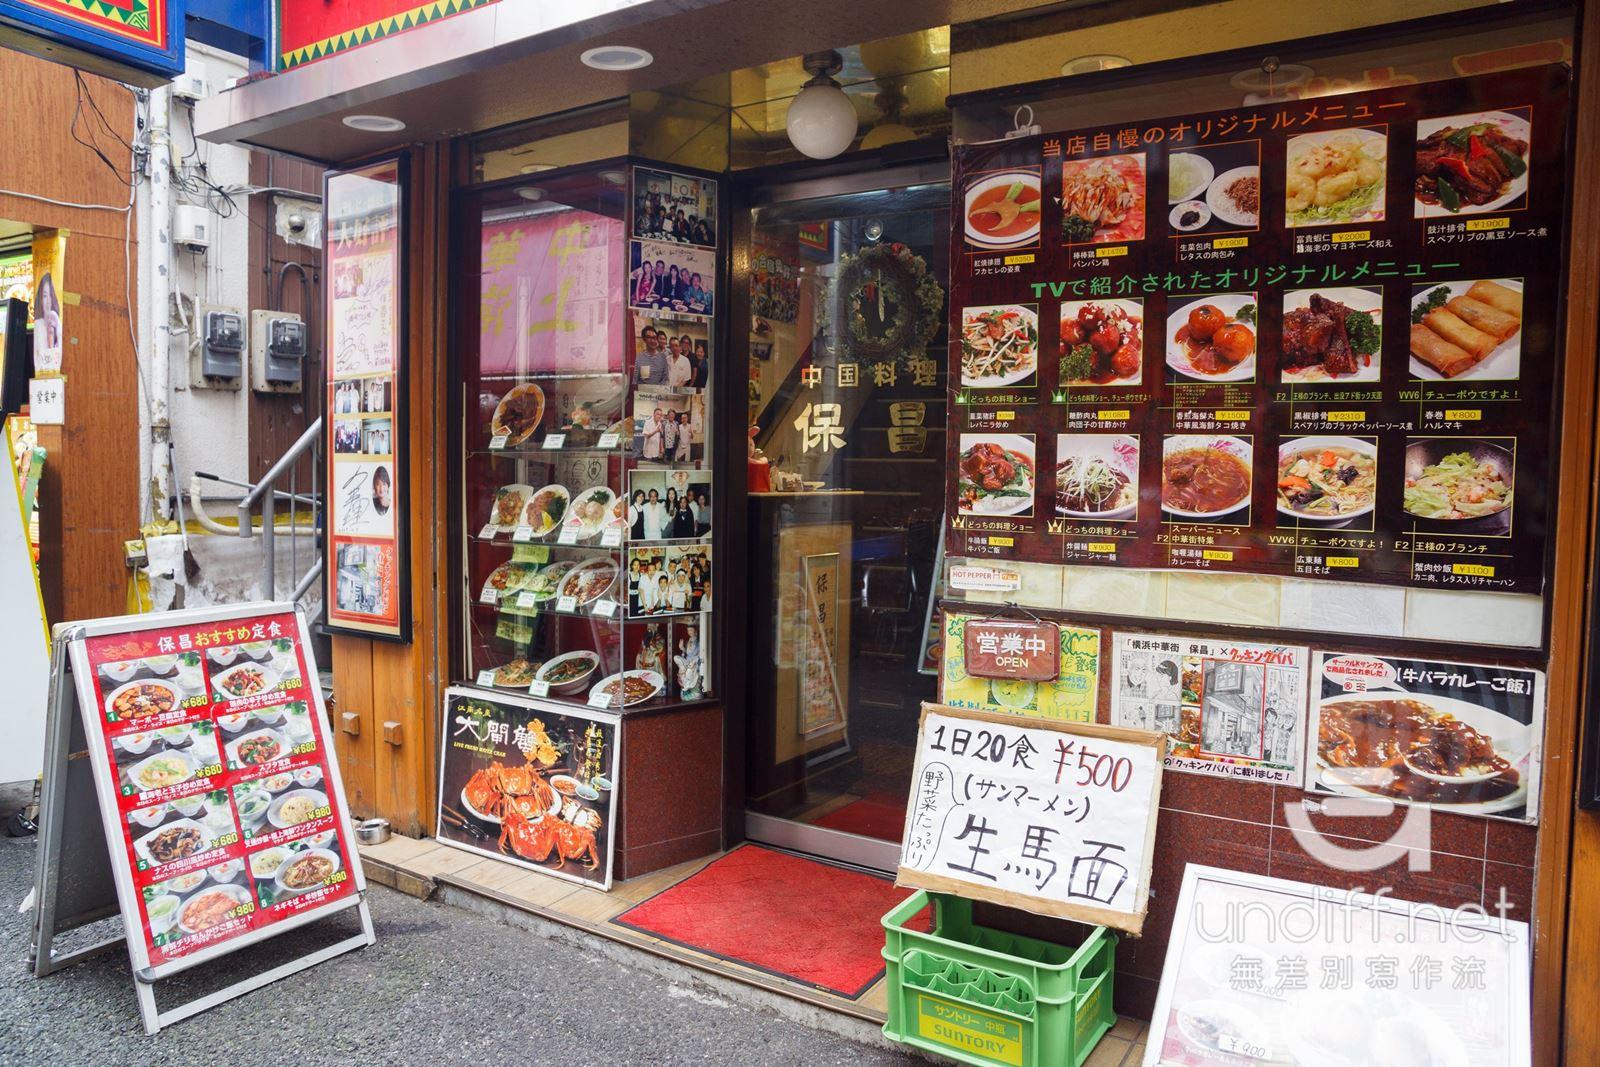 【橫濱美食】中華街 保昌 中國料理 》日本藝人、大胃女王推薦名店 6